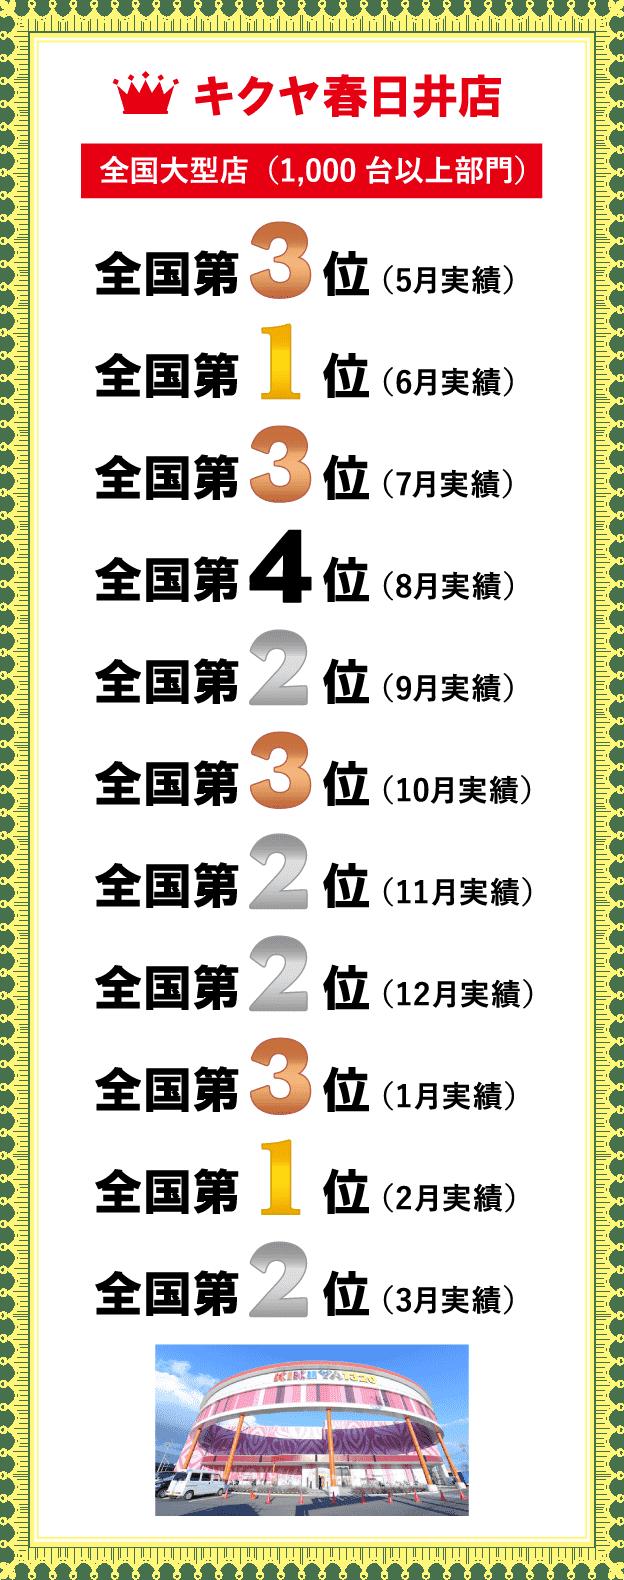 キクヤ春日井店